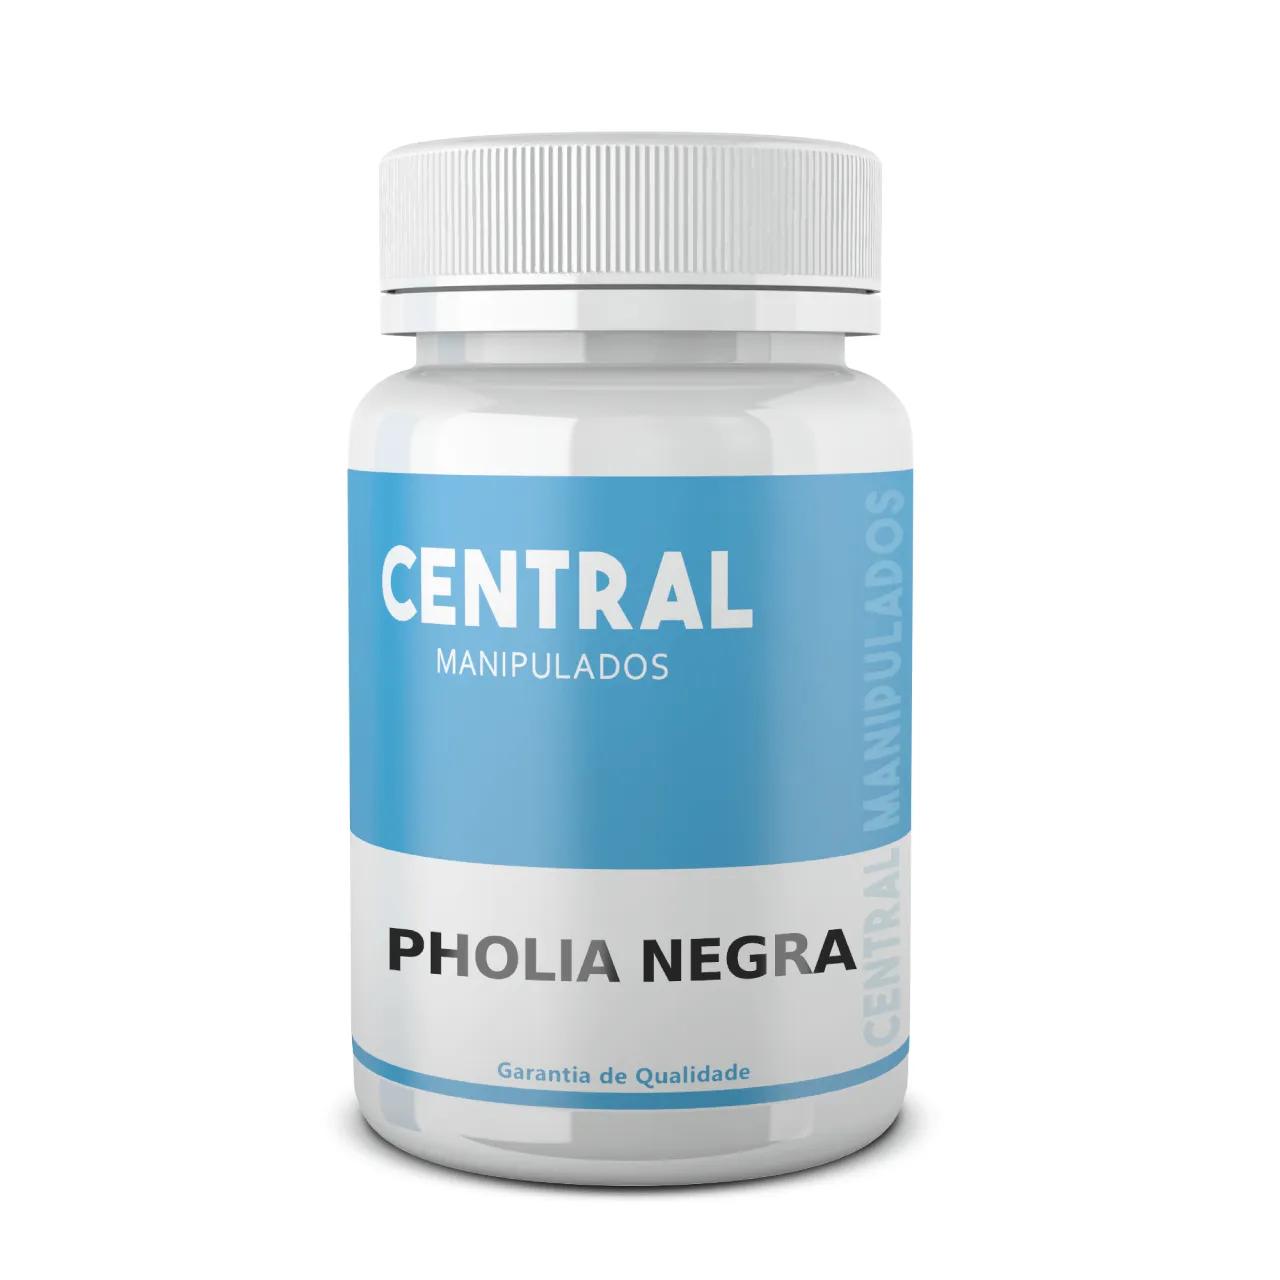 Pholia Negra 500mg 120 doses = 240 cápsulas - Perda de Peso, Melhora o Colesterol, Promove Saciedade